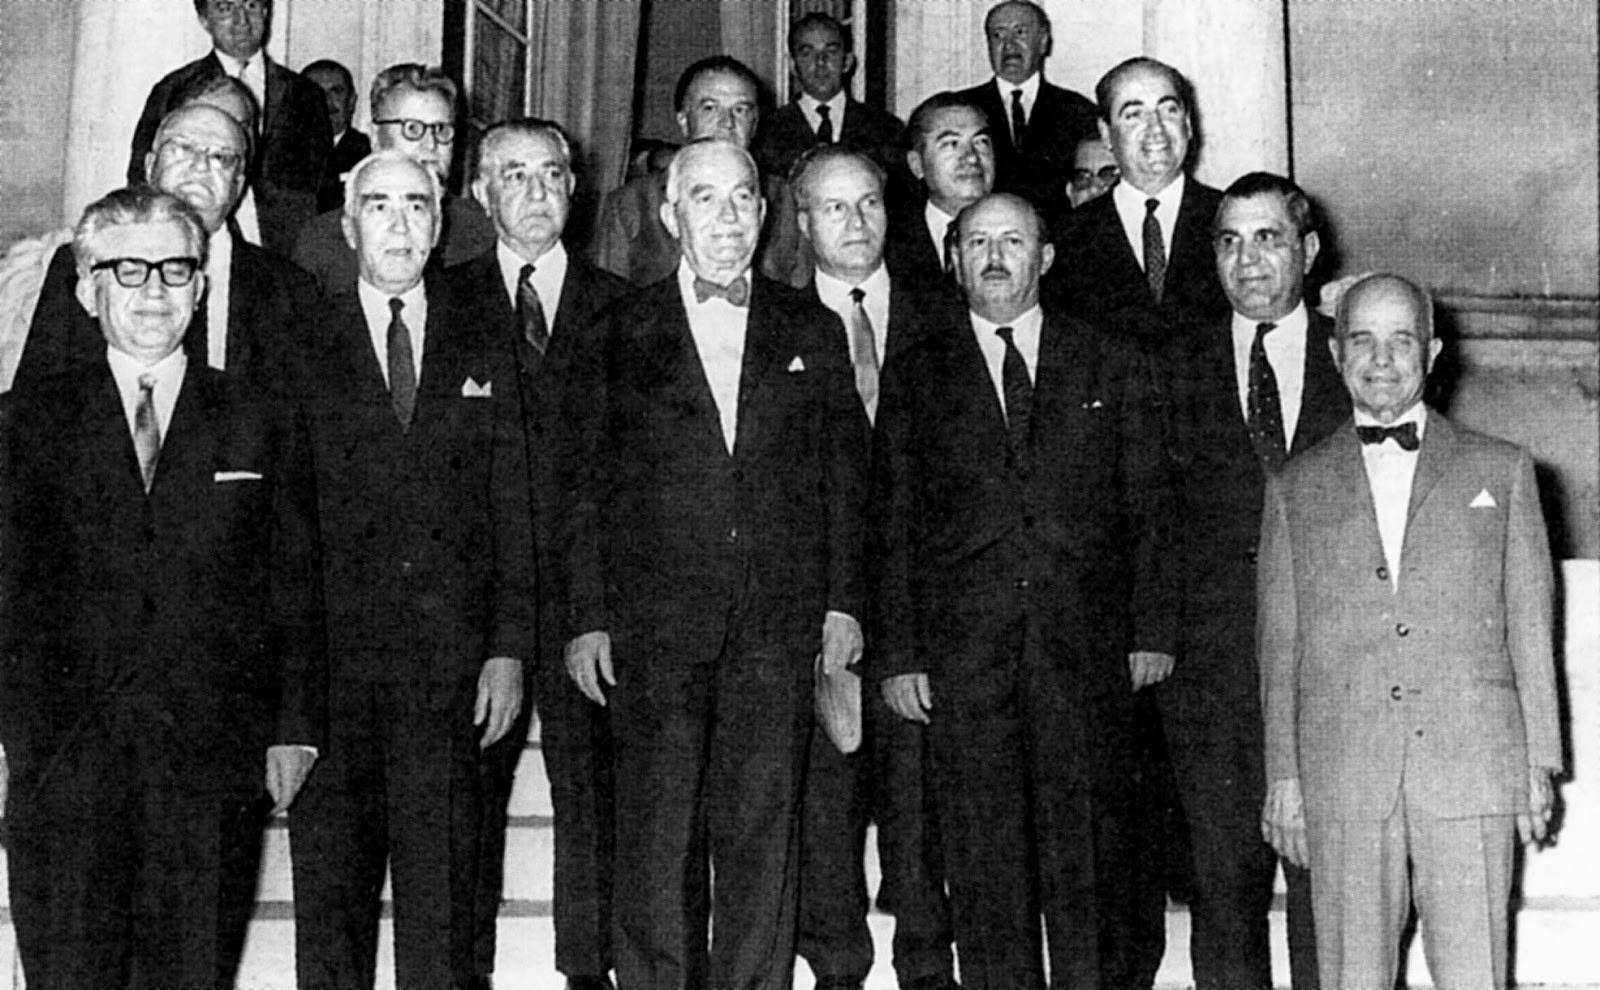 Μητσοτάκη κάθαρμα»: Τι ήταν η Αποστασία του 1965 και πως η κίνηση μερικών βουλευτών έσπρωξε την Ελλάδα λίγο πιο κοντά στη Χούντα